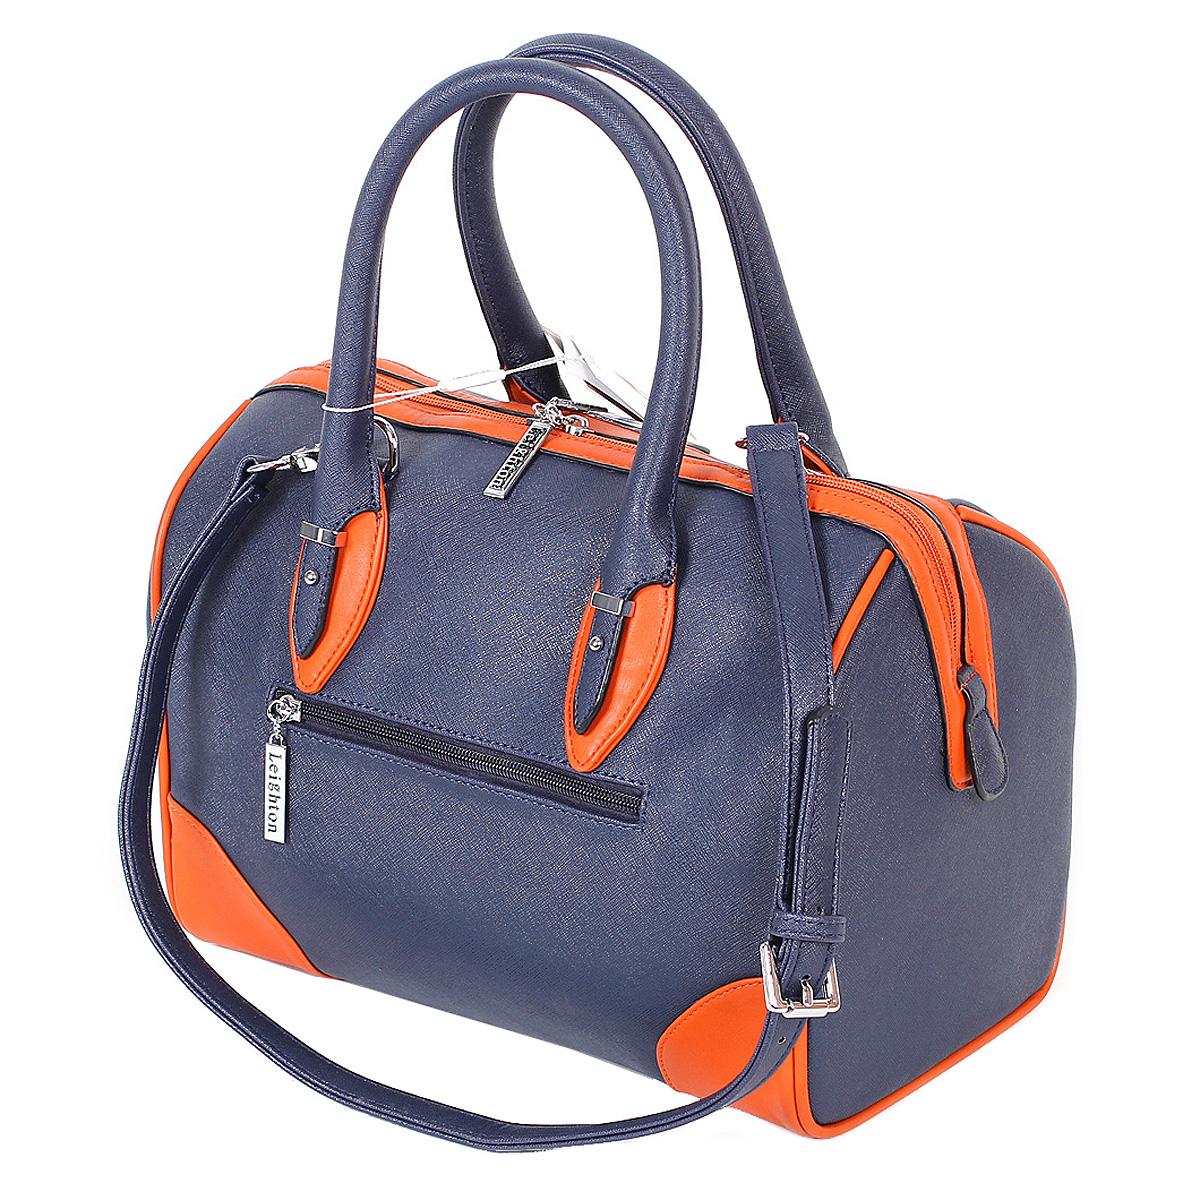 Сумка женская Leighton, цвет: синий, оранжевый. 9435-3769 ( 9435-3769/4/1166/813 )